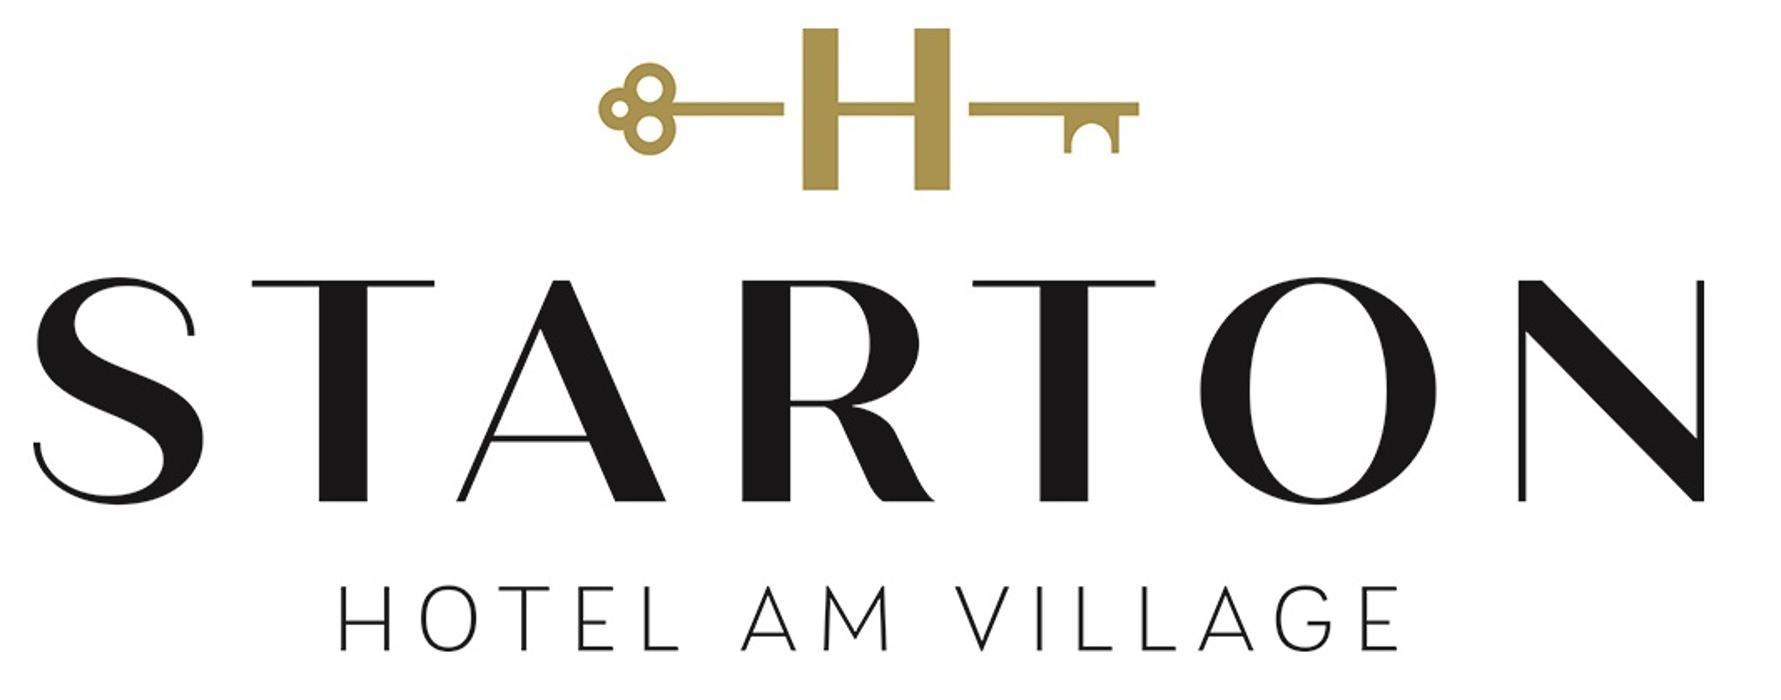 Bild zu Hotel Starton am Village in Ingolstadt an der Donau